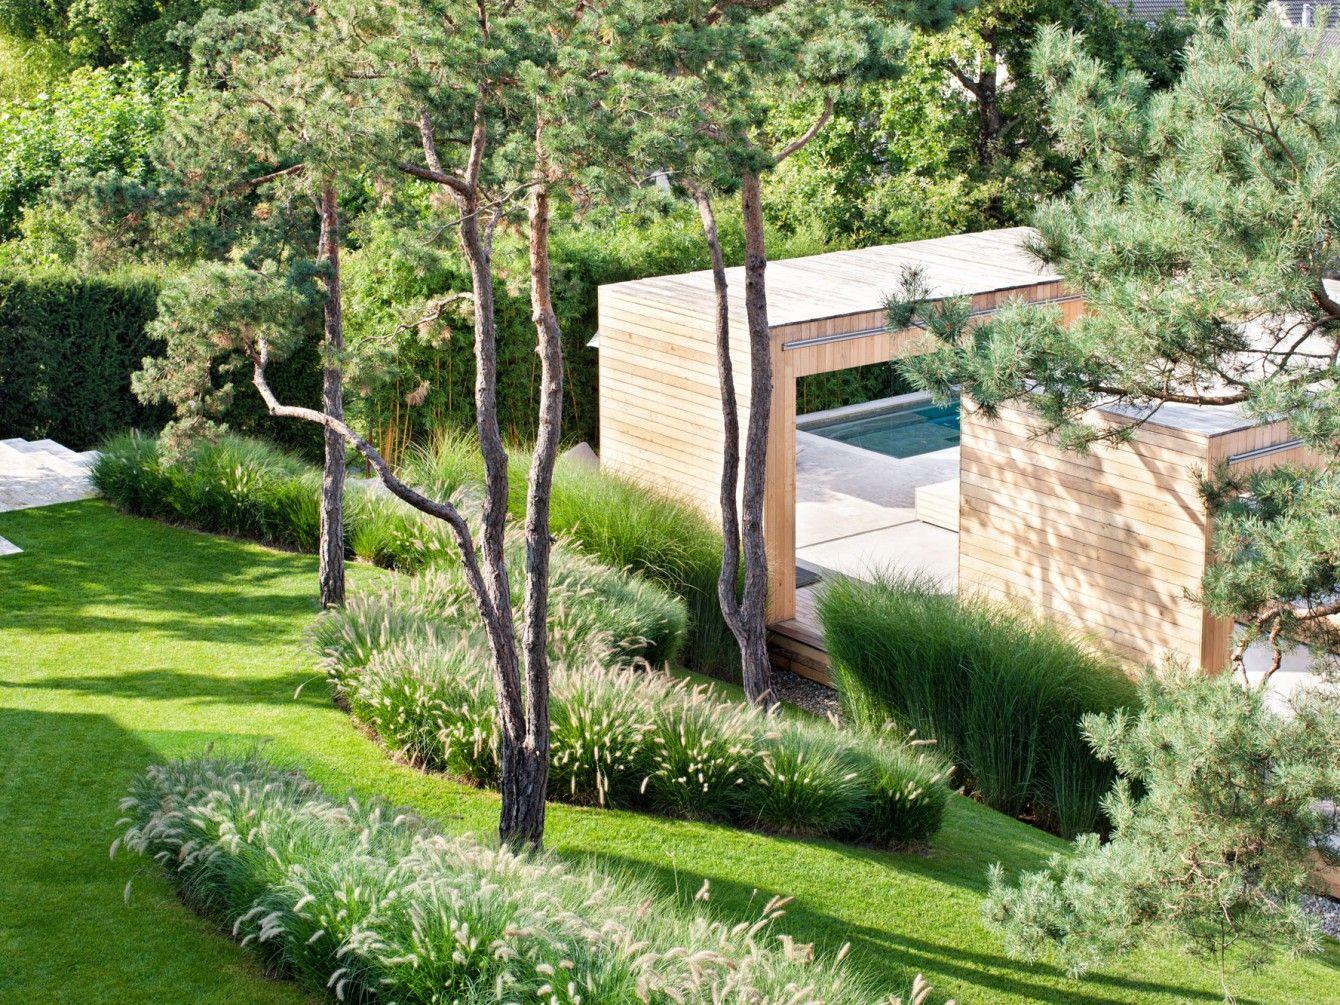 Pin Von Fasano Miami Beach Auf Webdesign Gartengestaltung Garten Landschaftsarchitektur